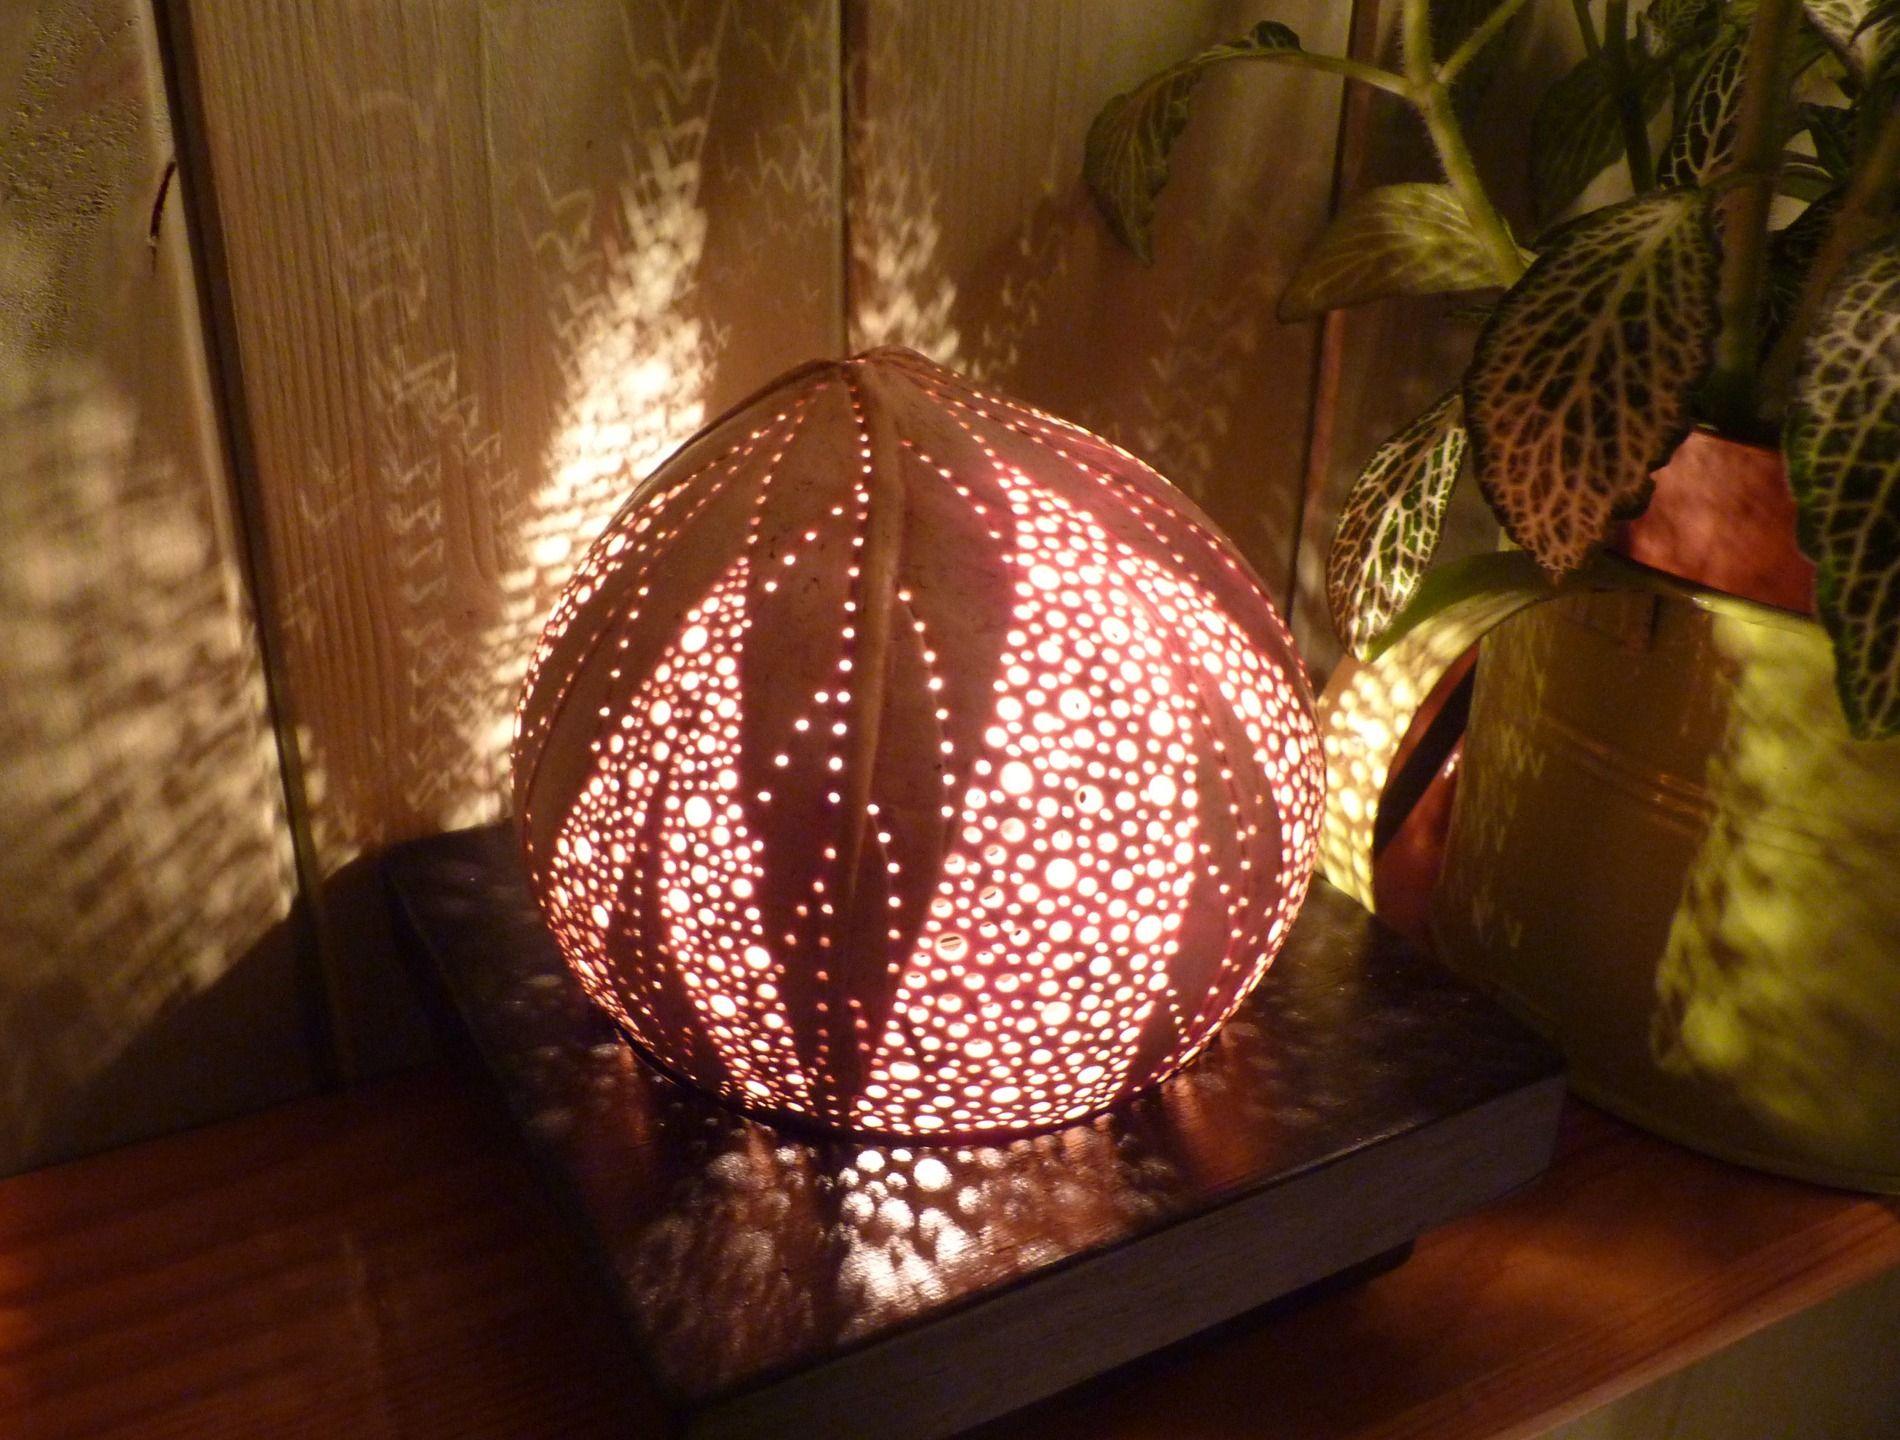 tropical coco lampe d 39 ambiance v g tale en noix de coco sculpt e vendue sold carved coconut. Black Bedroom Furniture Sets. Home Design Ideas